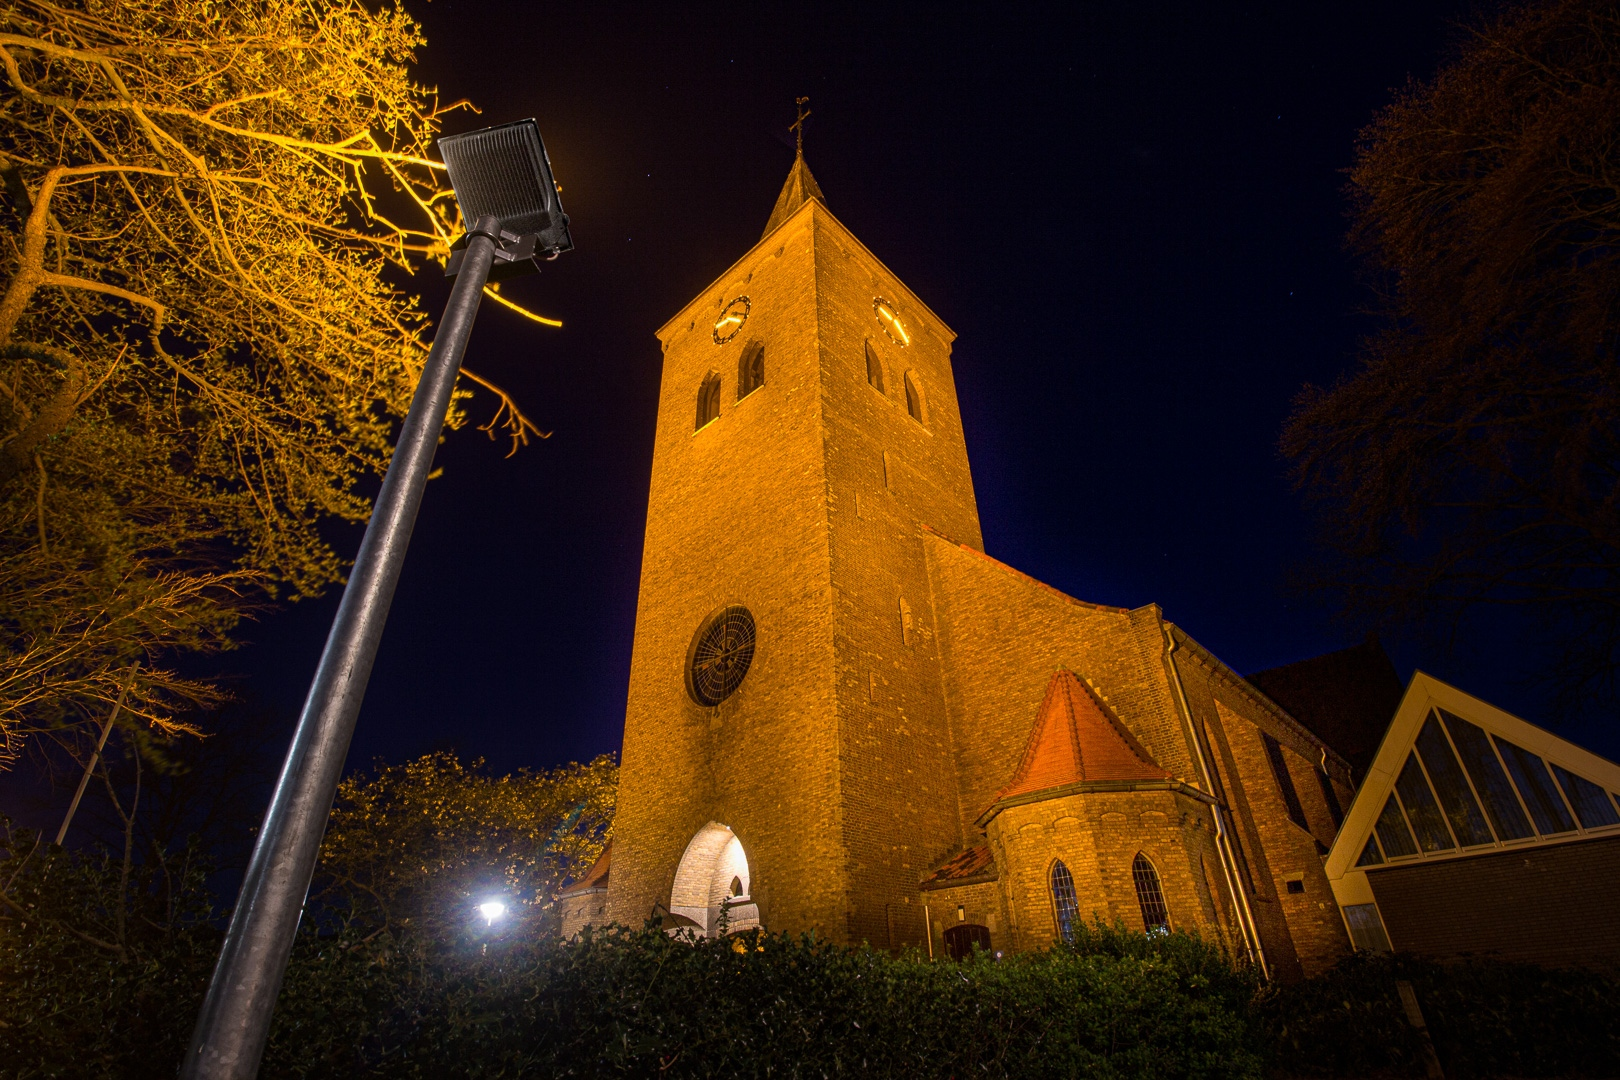 Lednovate Kerk Rossum 2 - Kerk